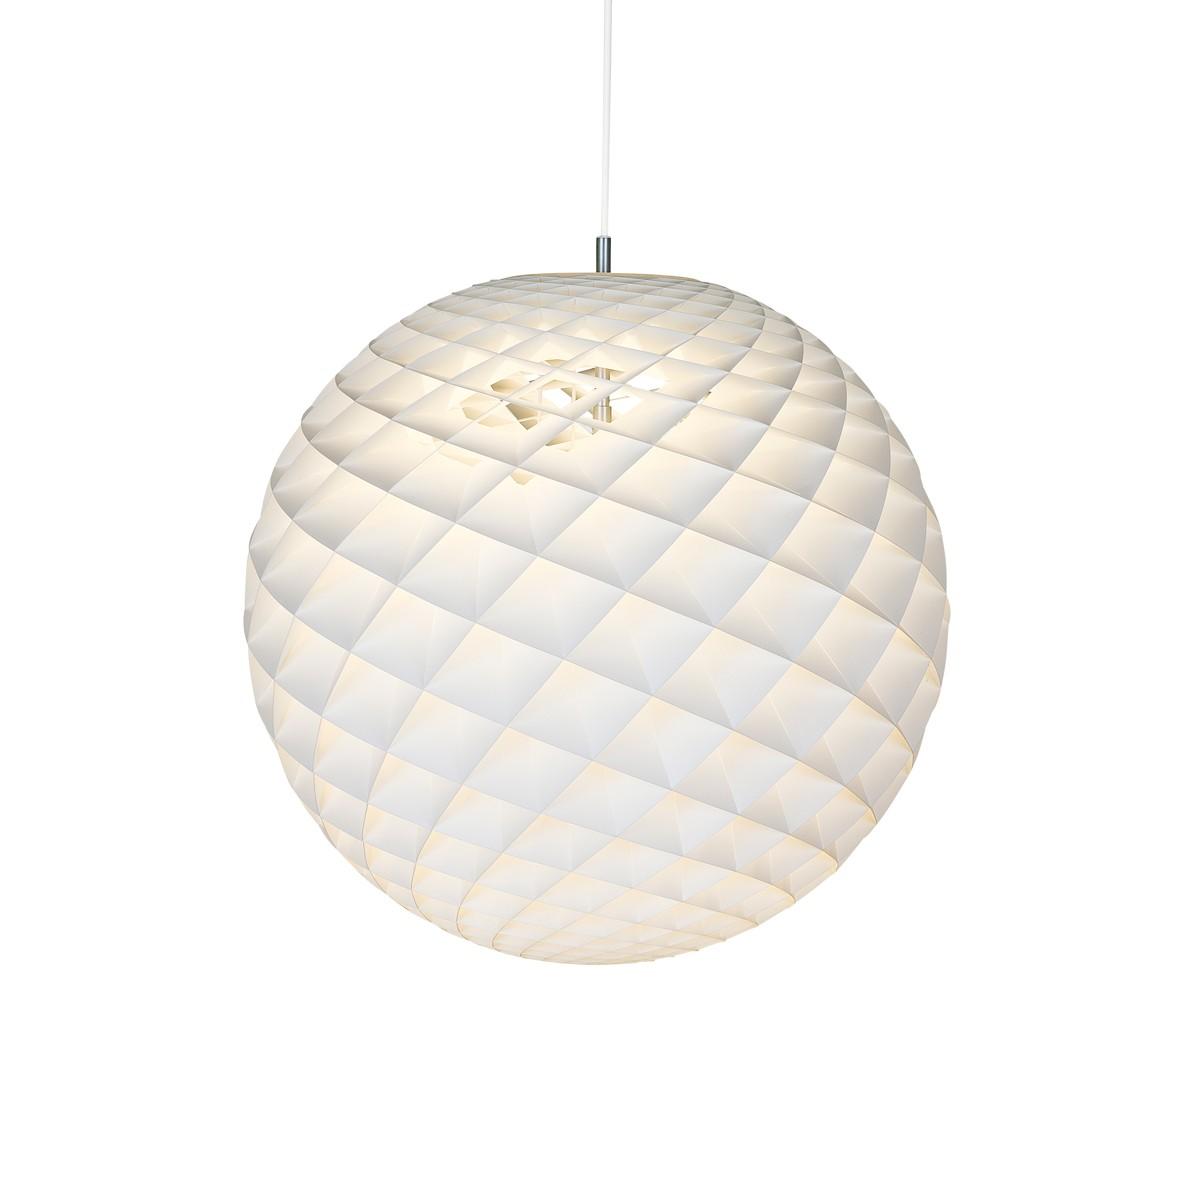 Louis Poulsen Patera Pendelleuchte, Ø: 45 cm, weiß matt